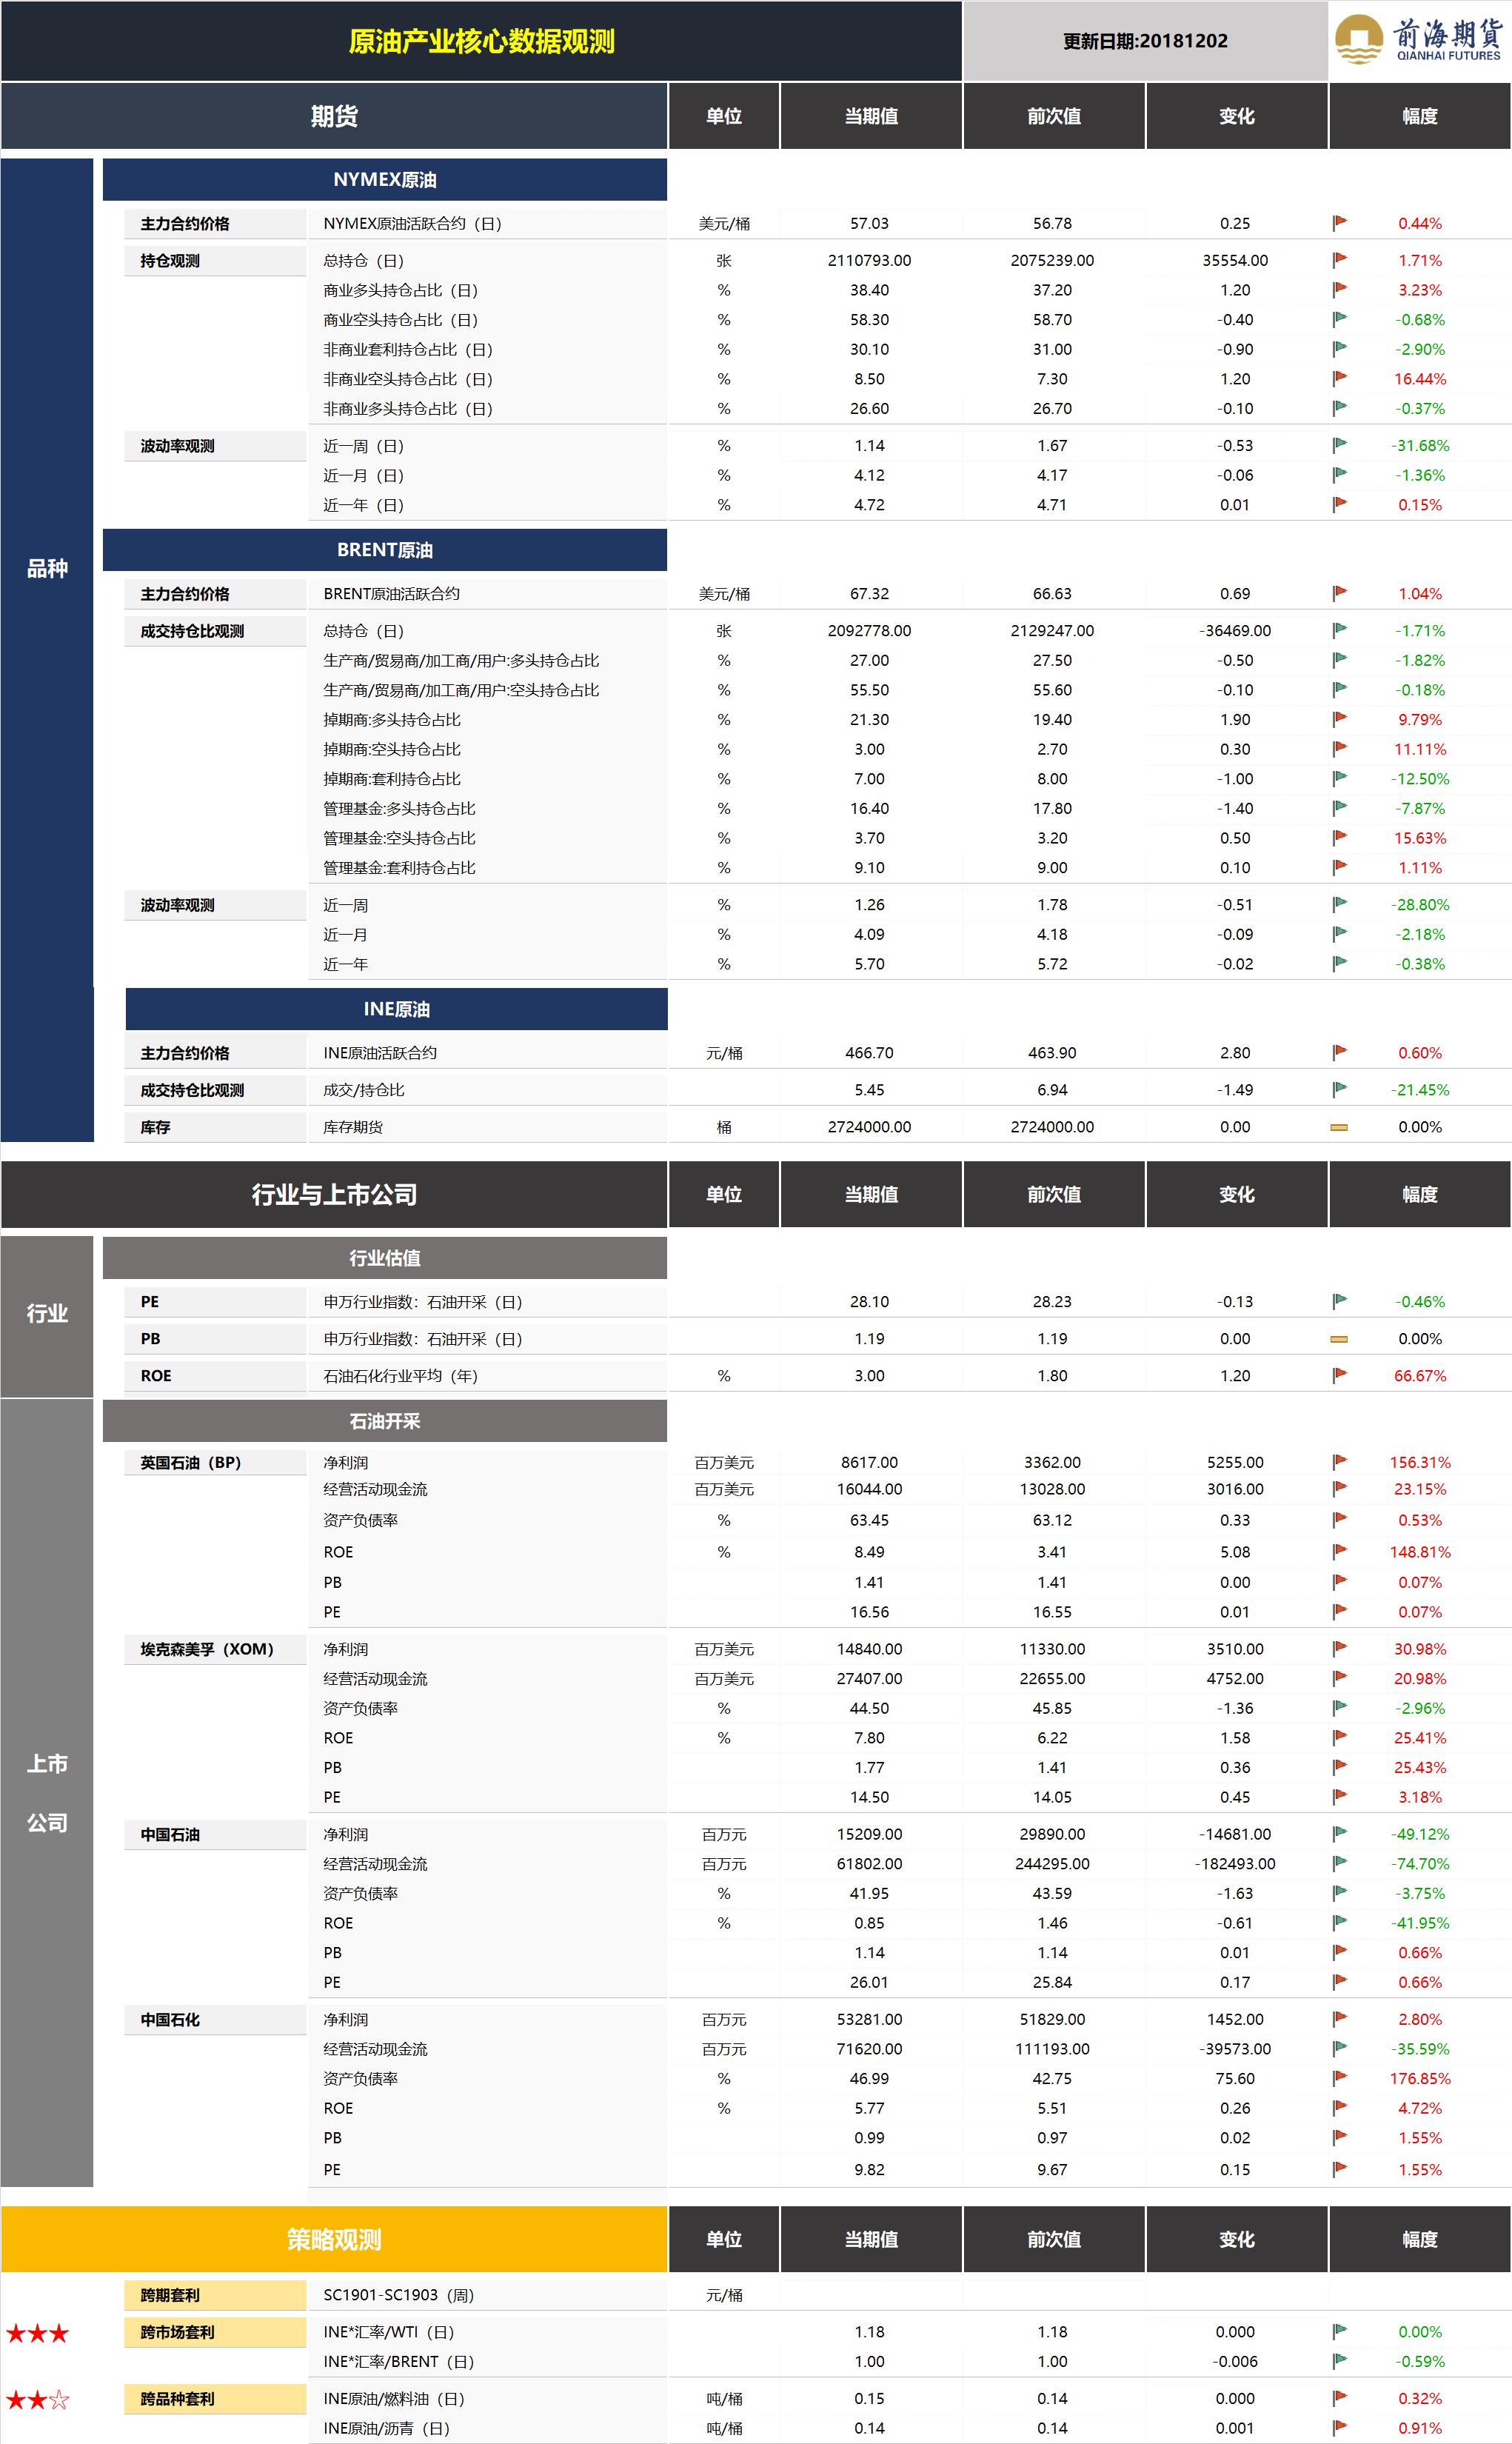 20181203前海期货—原油产业核心数据观测2.png